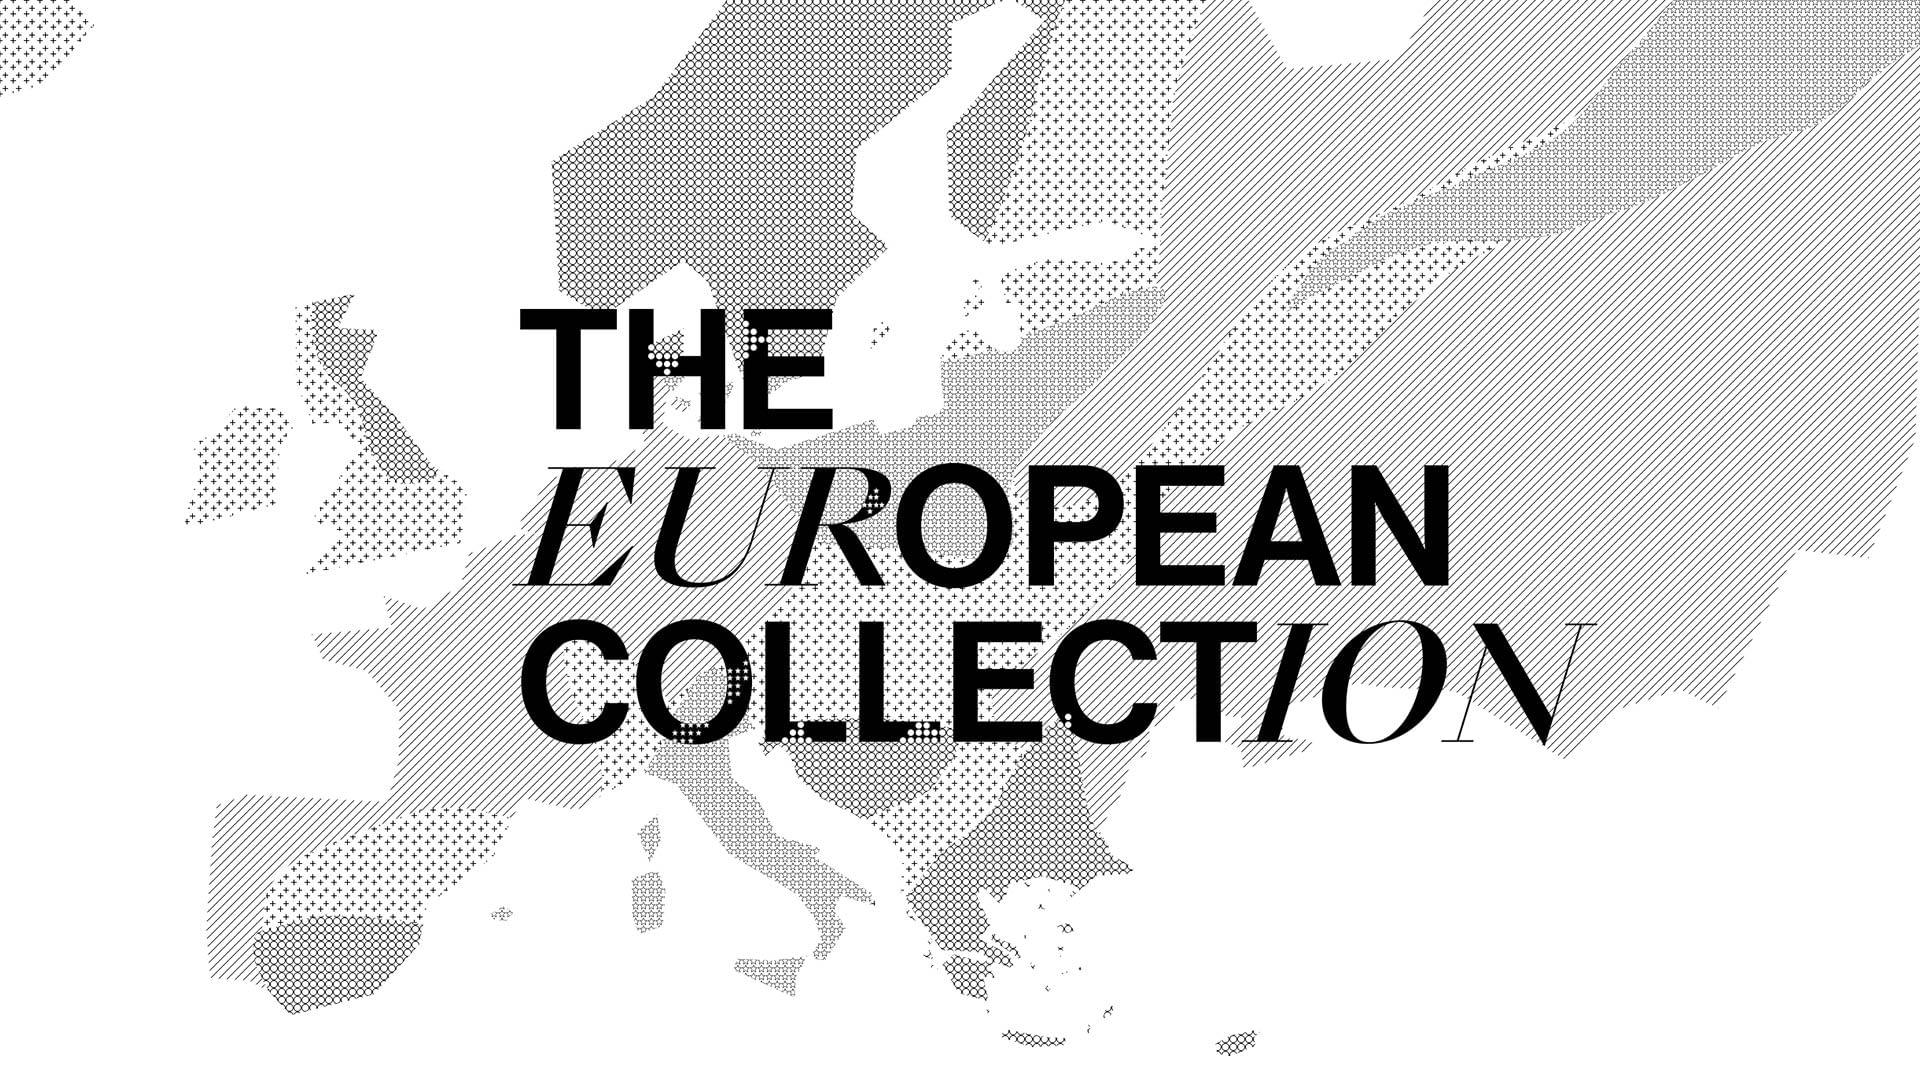 L'Europe - un continent aux multiples visages